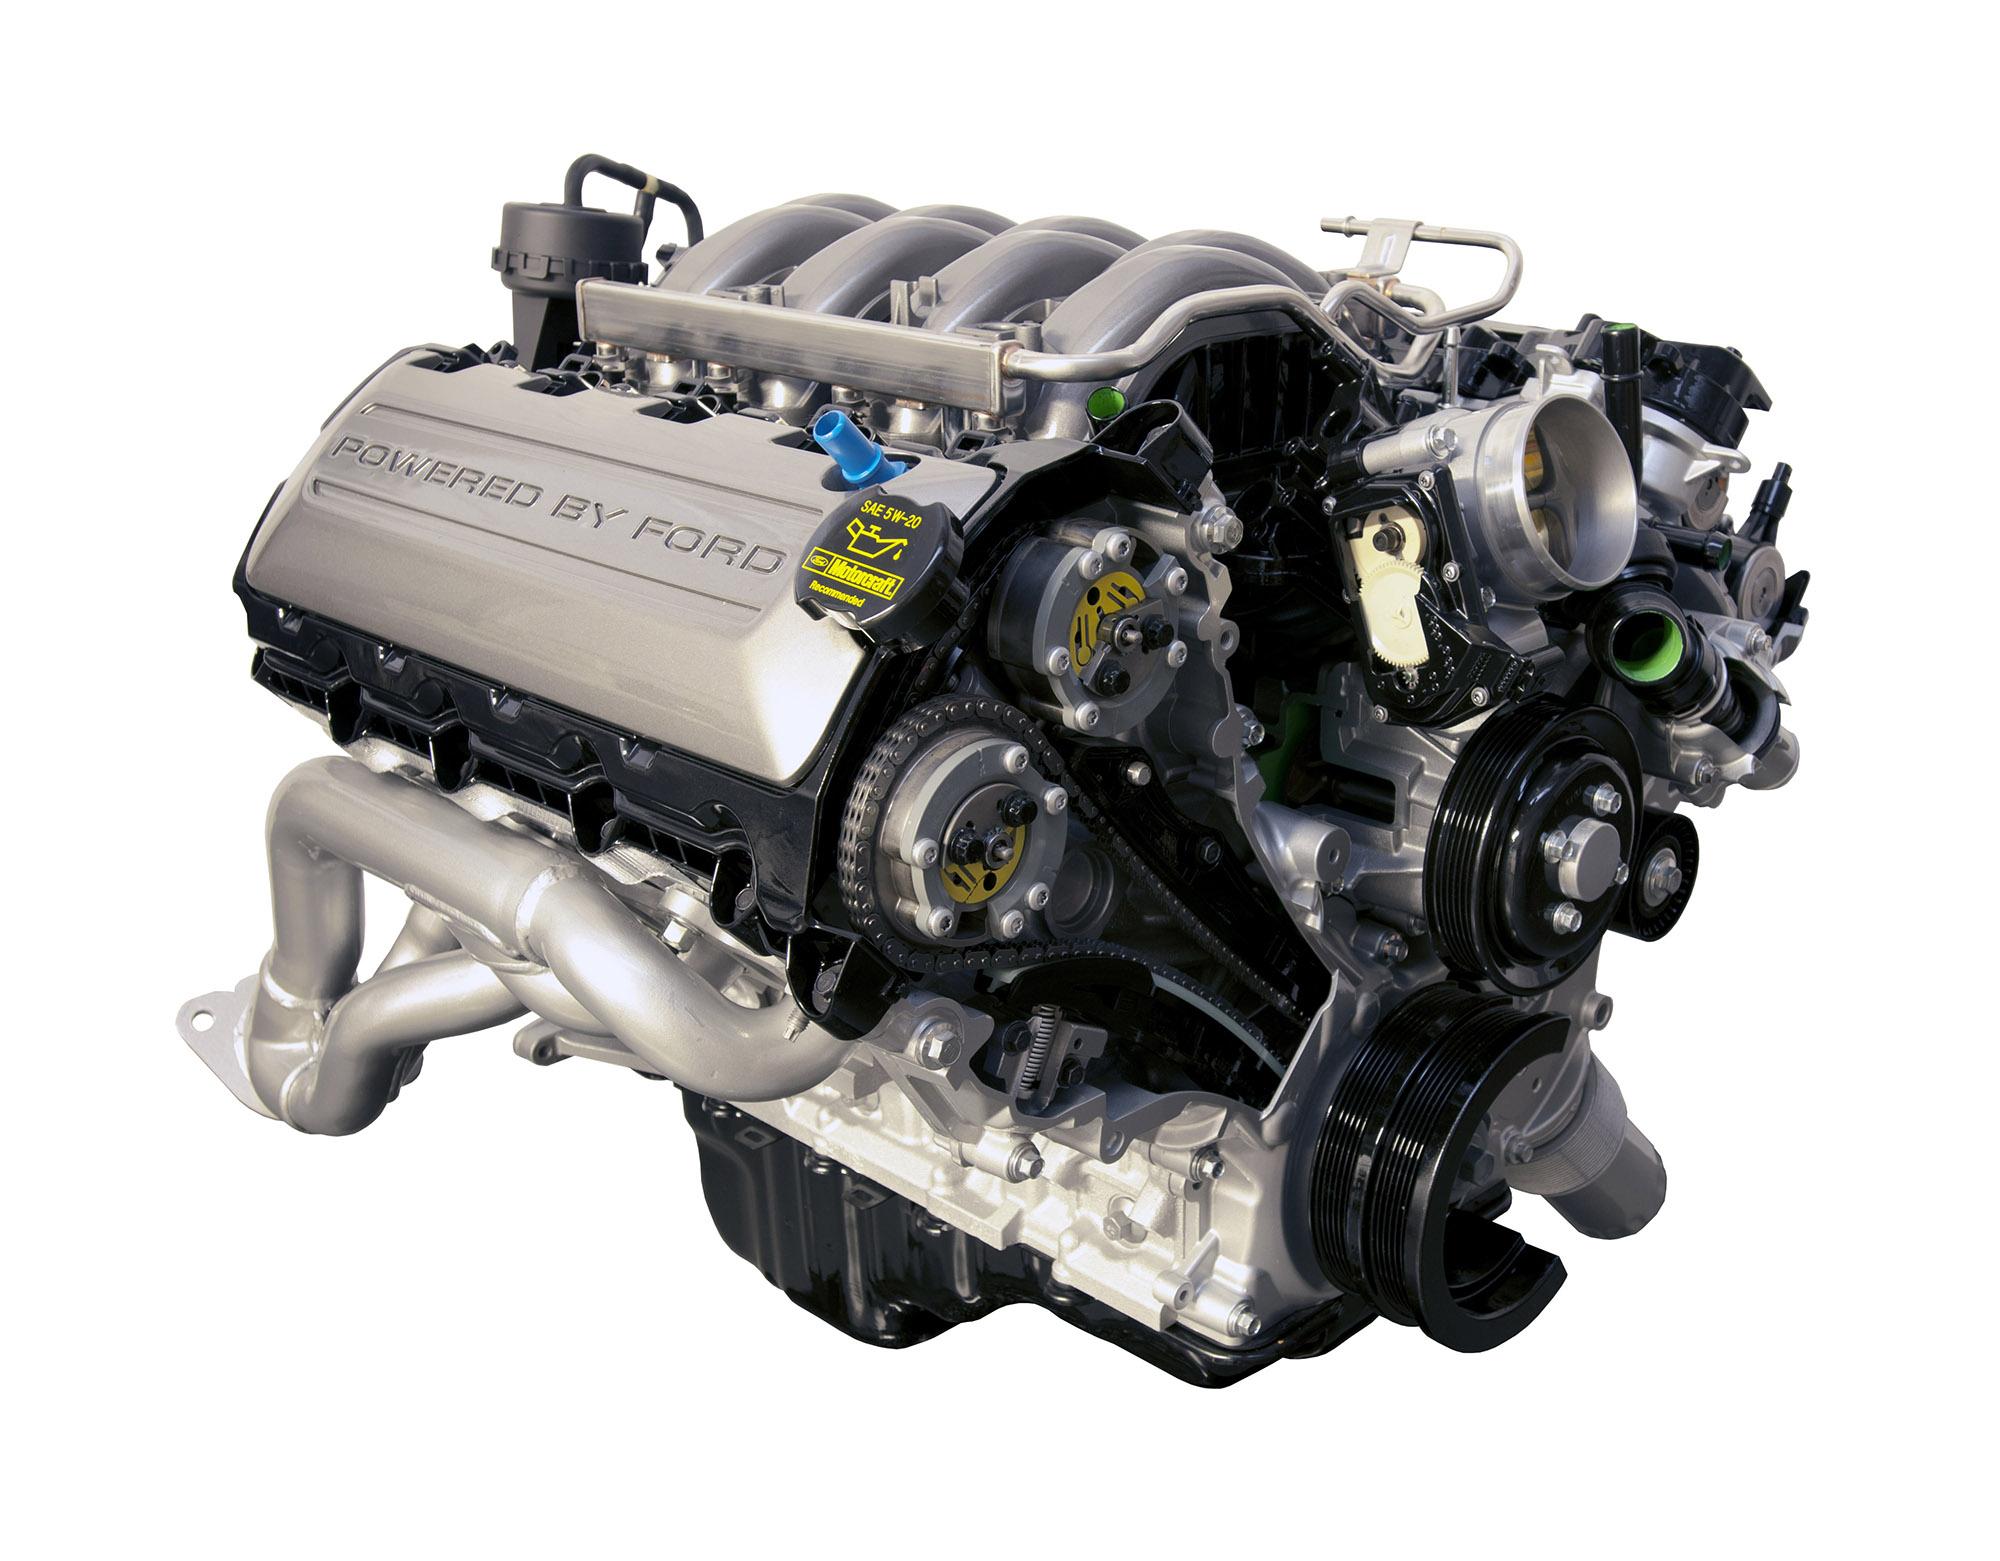 2020 Mustang GT Coyote Motor